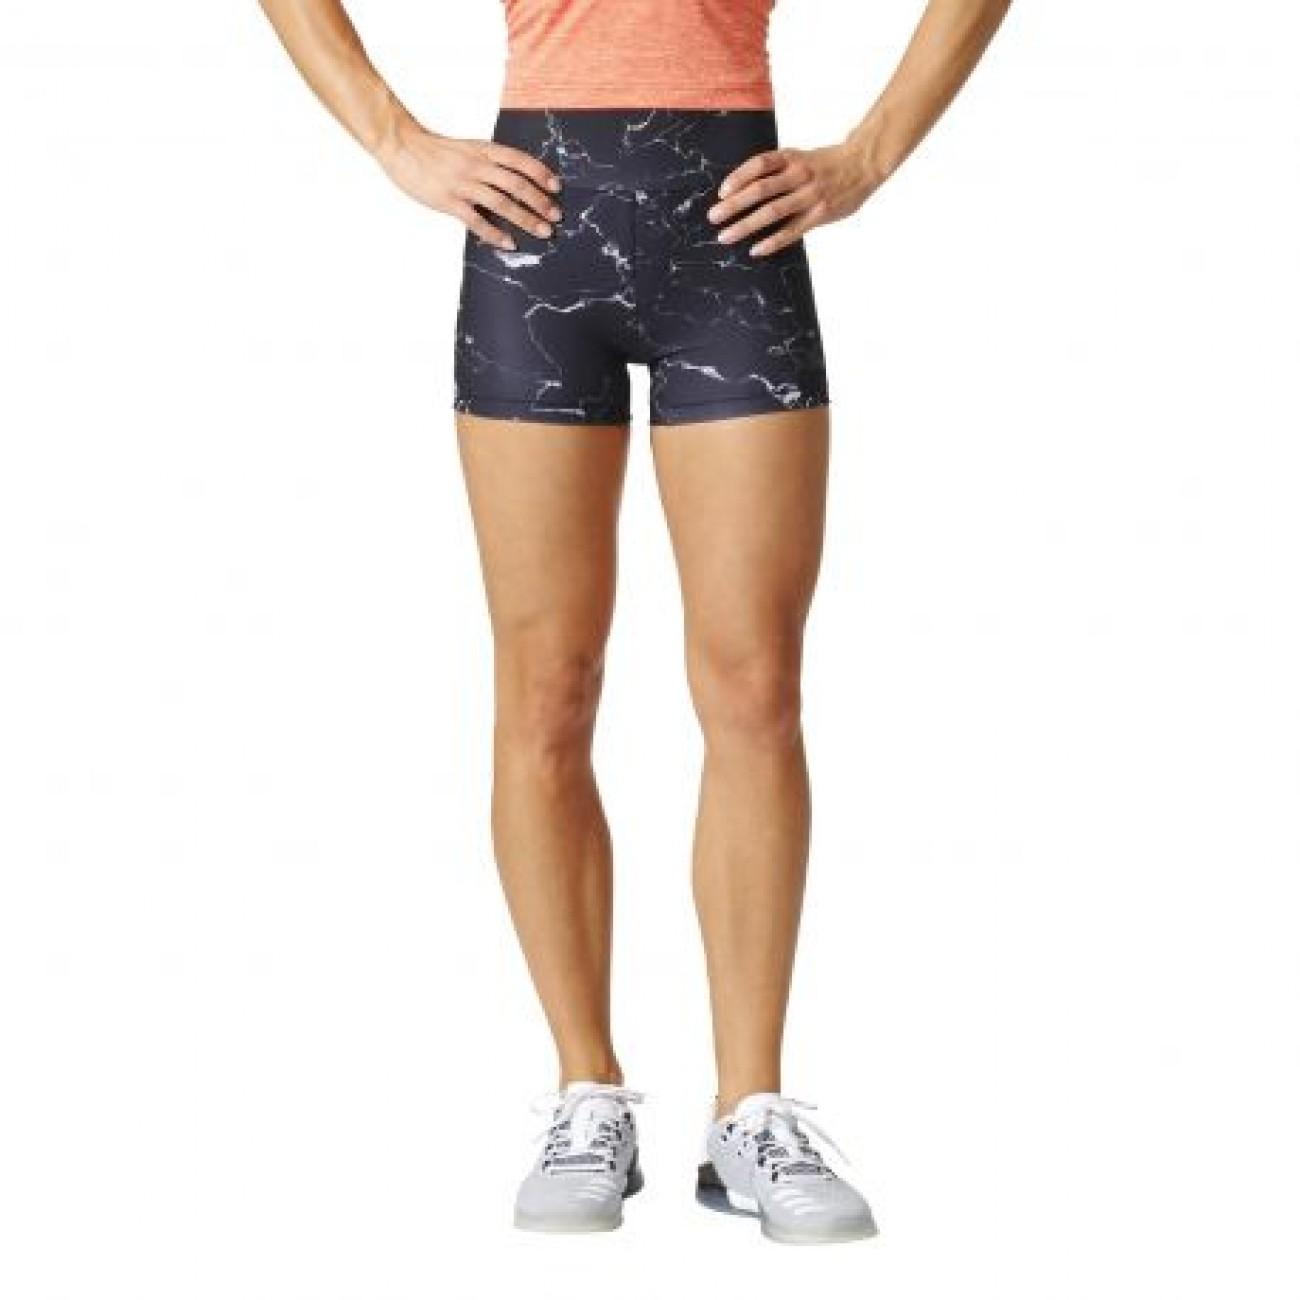 Fitness Cher Pas Vetement Short Femme Et Moulant Mode kZPwuTiOXl